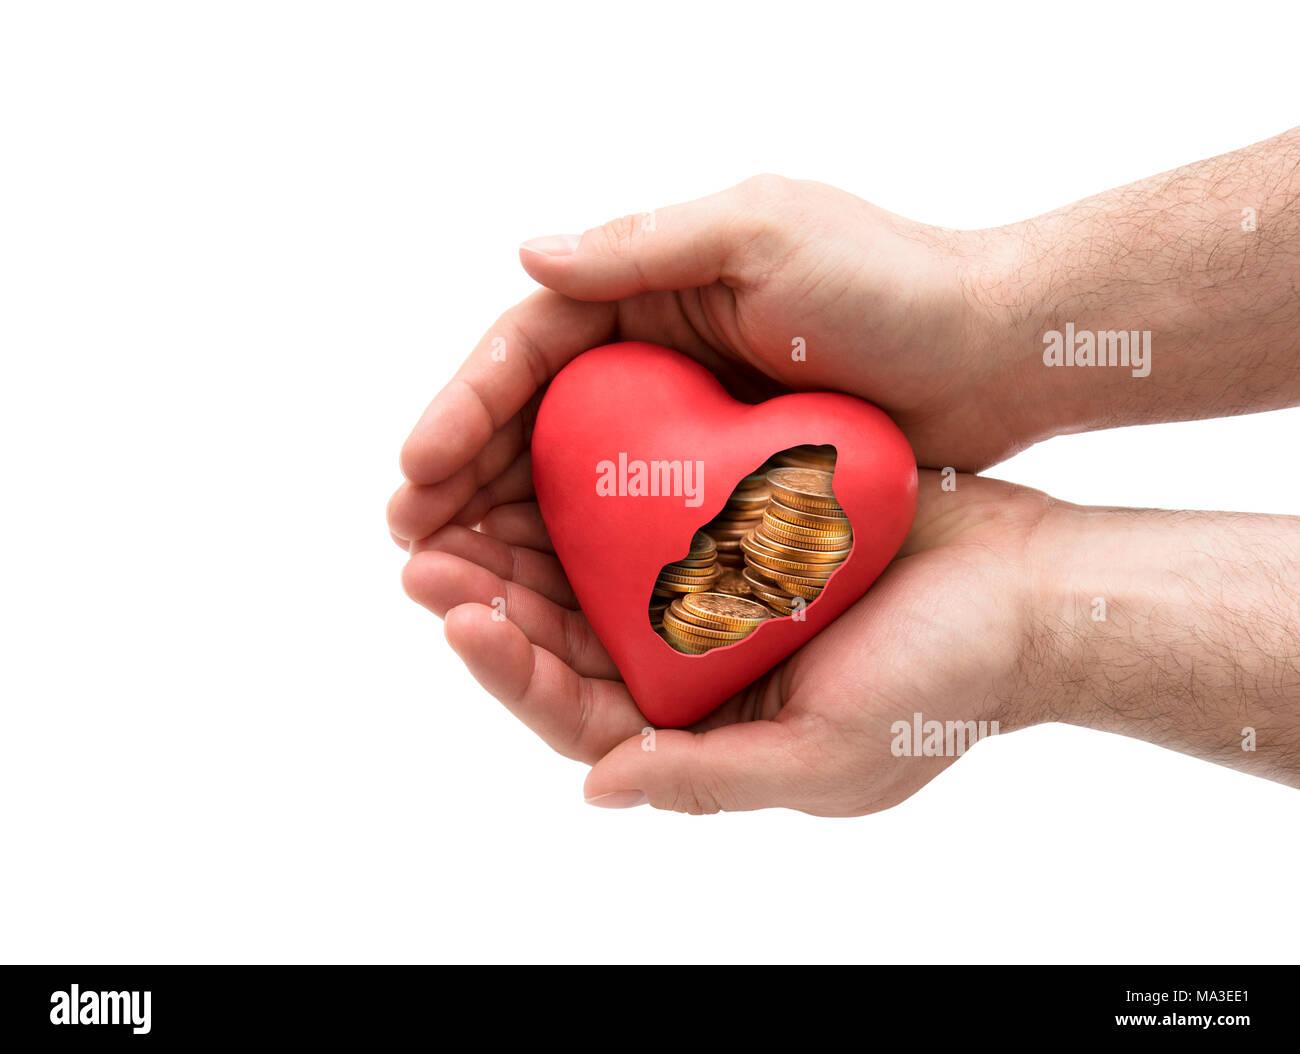 Corazón rojo con monedas de oro en manos sobre fondo blanco con trazado de recorte Imagen De Stock